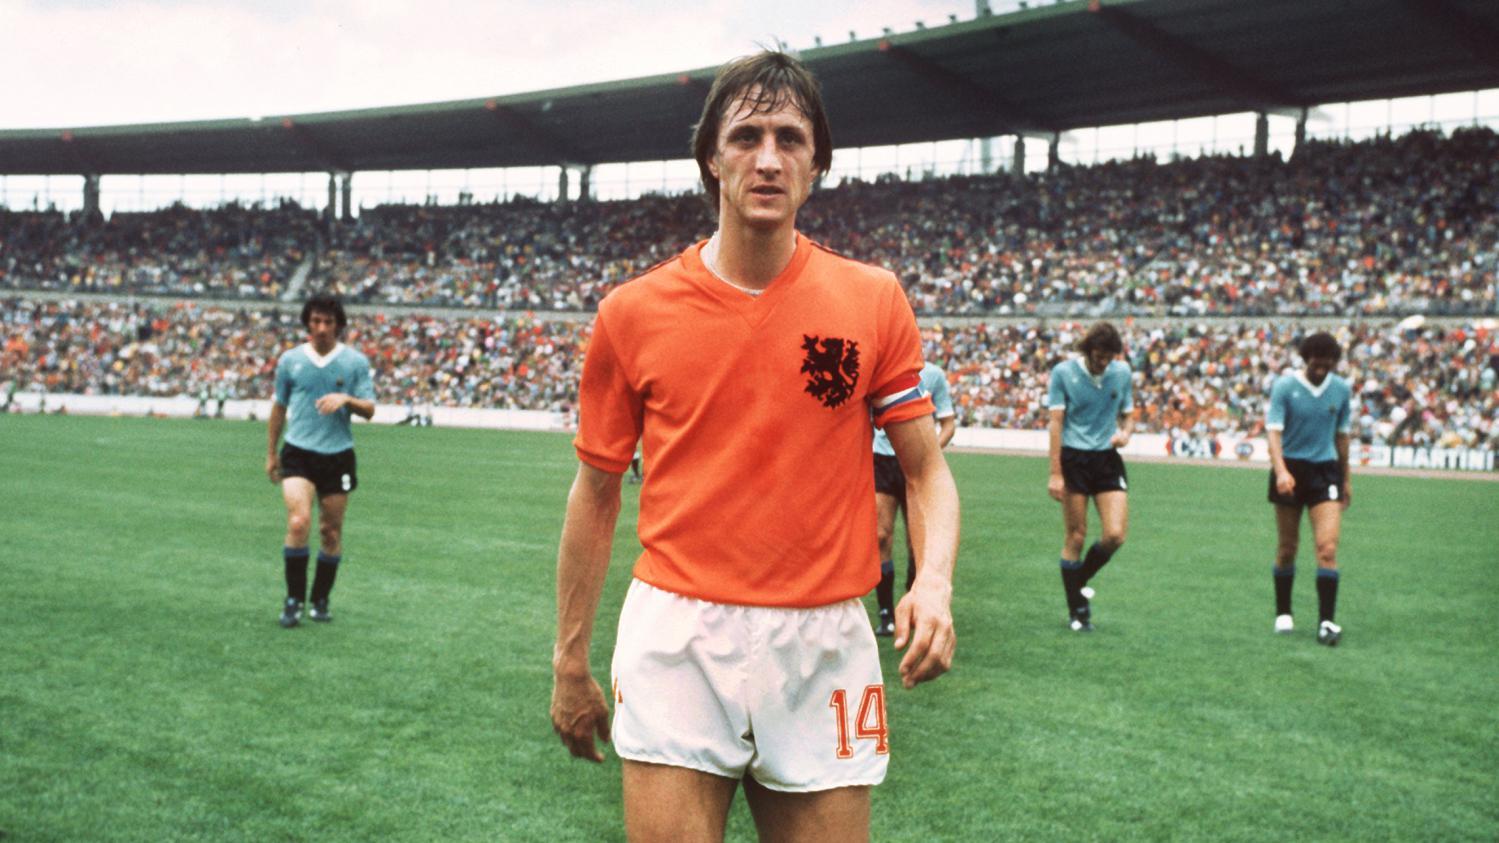 est footballeur Le néerlandais mort Johan  d